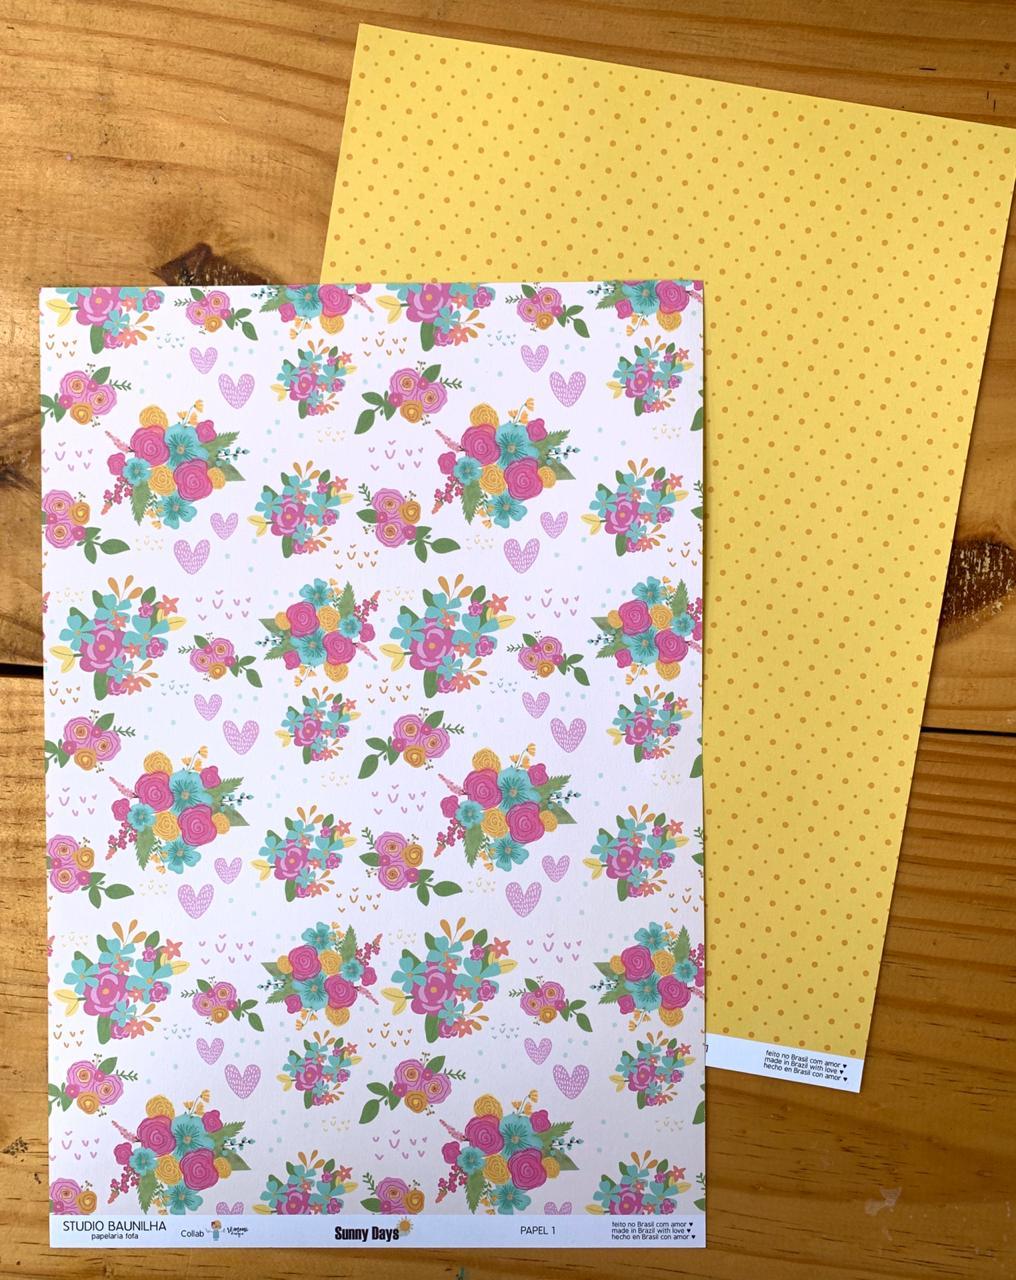 Papel A4 - Sunny Days 1 - Studio Baunilha (SB0091)